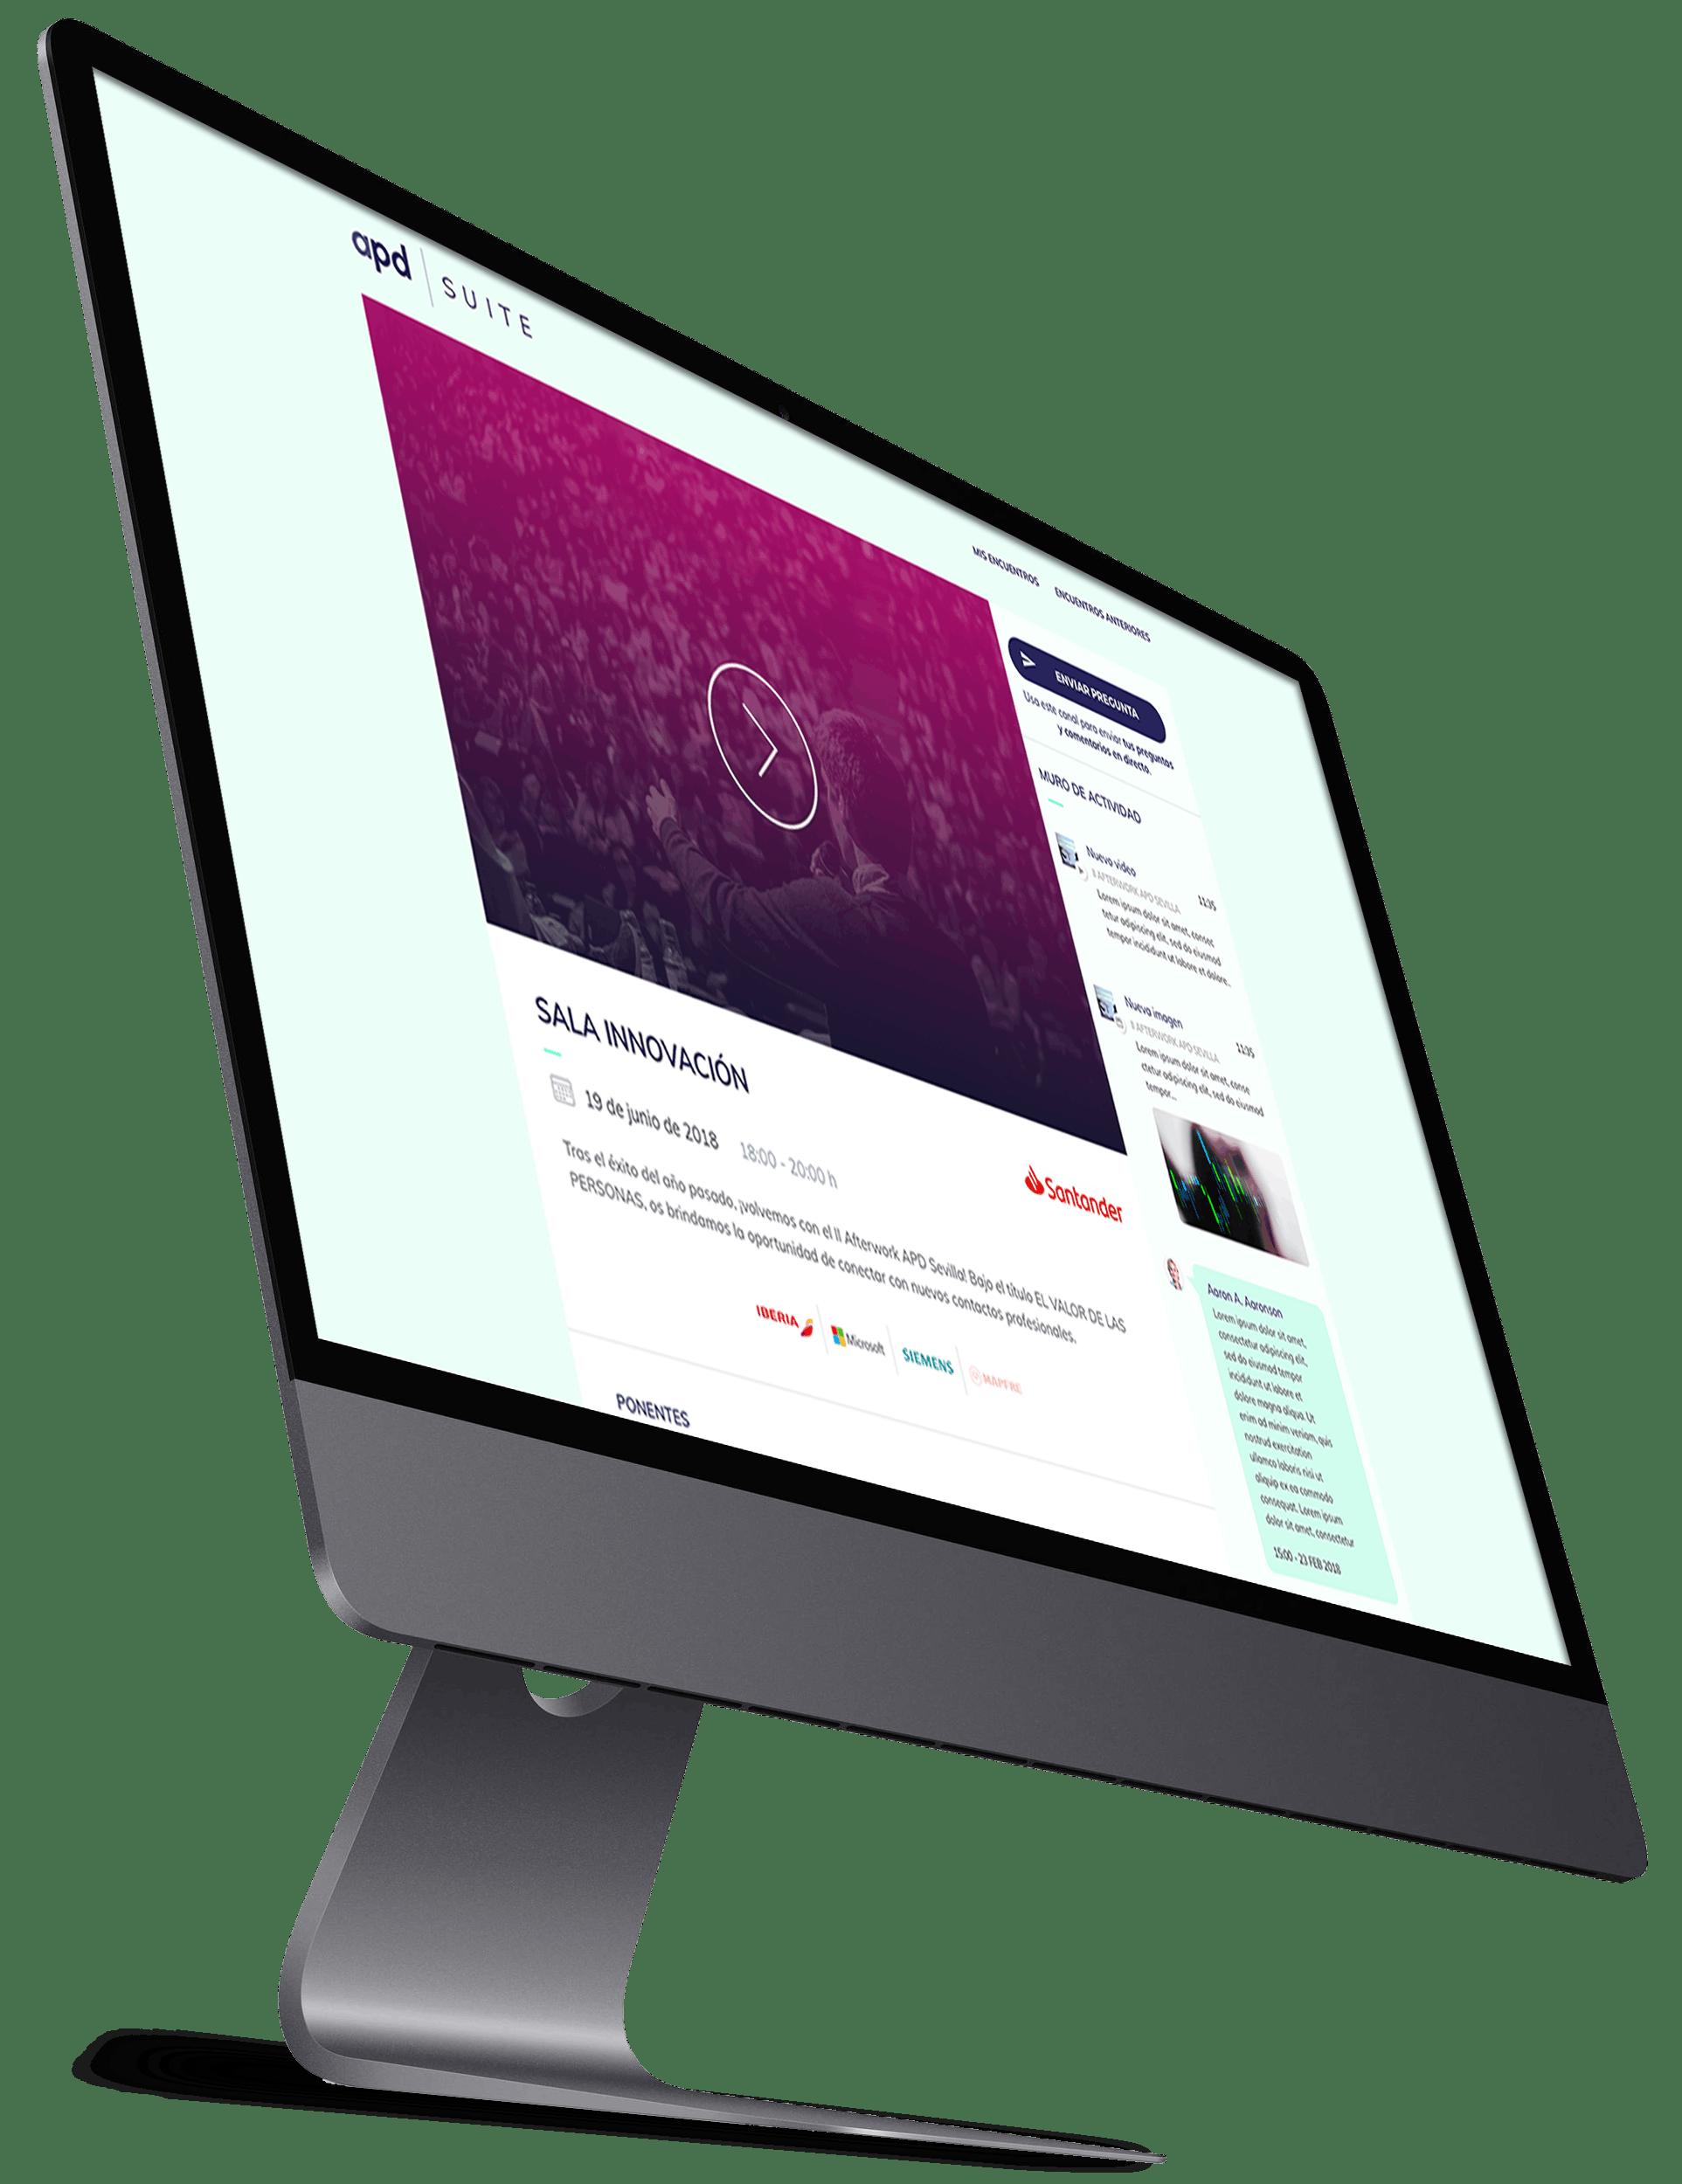 apd_desktop_laptop